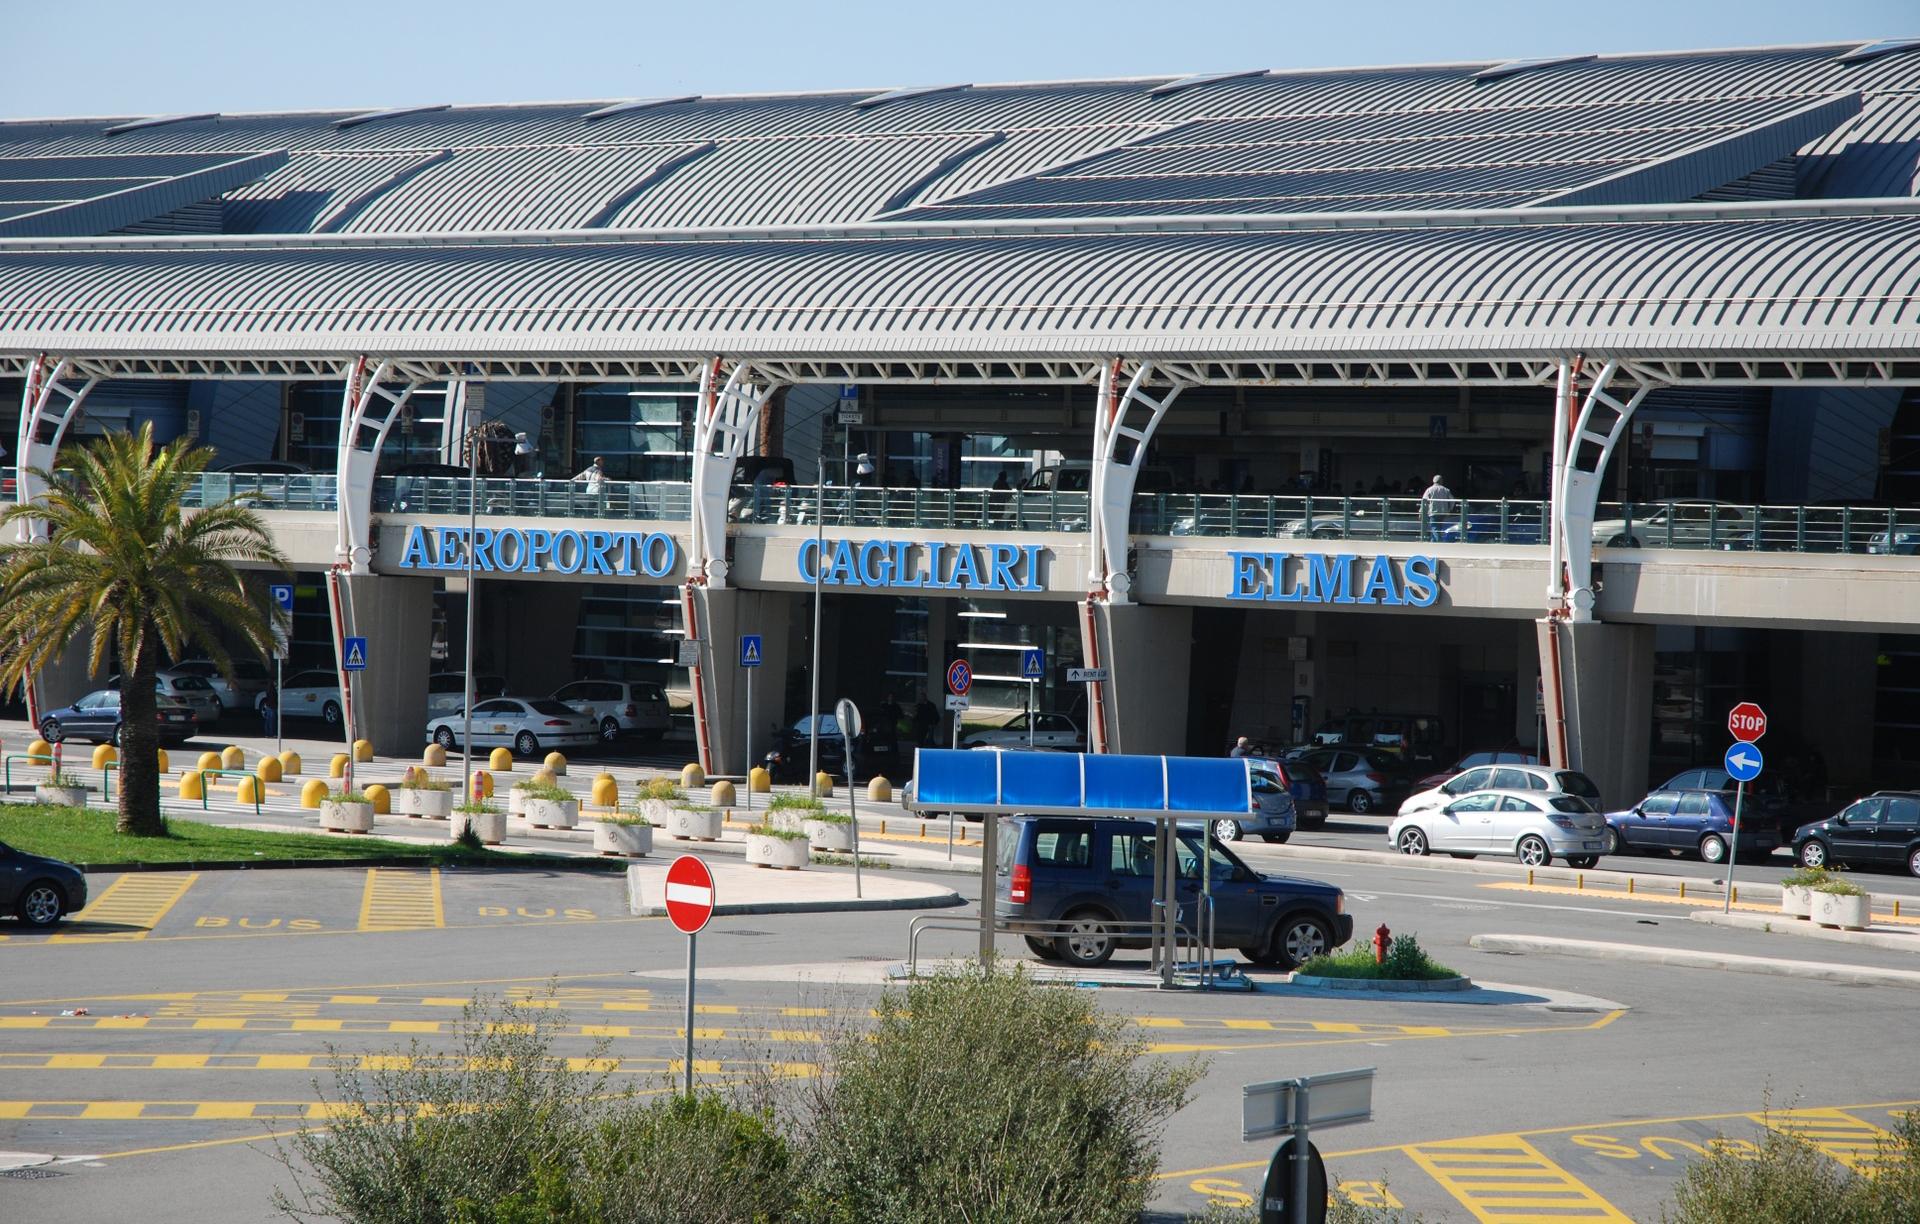 Cagliari, Aeroporto di Elmas come arrivare